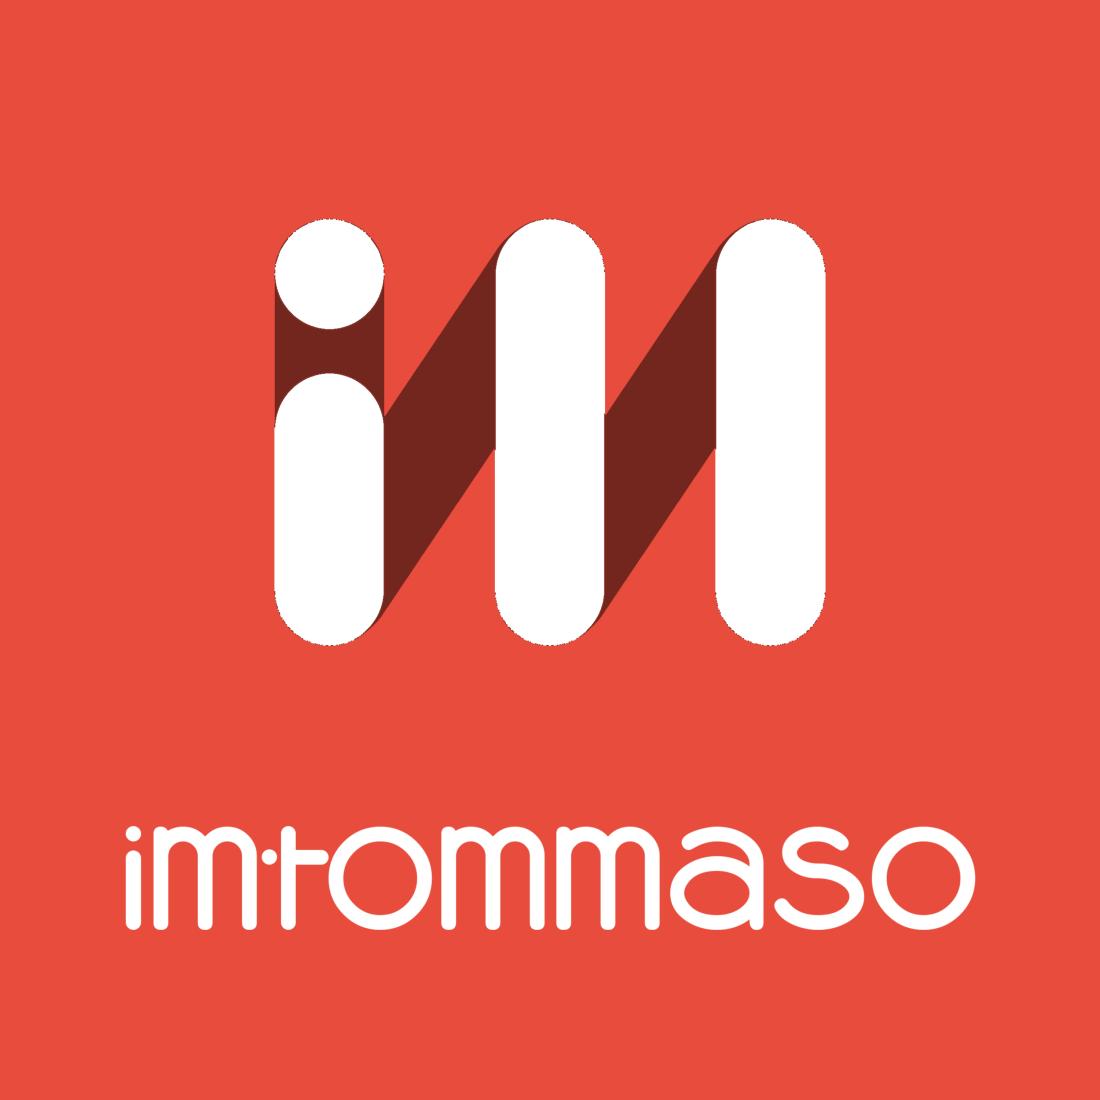 web_design_imtommaso